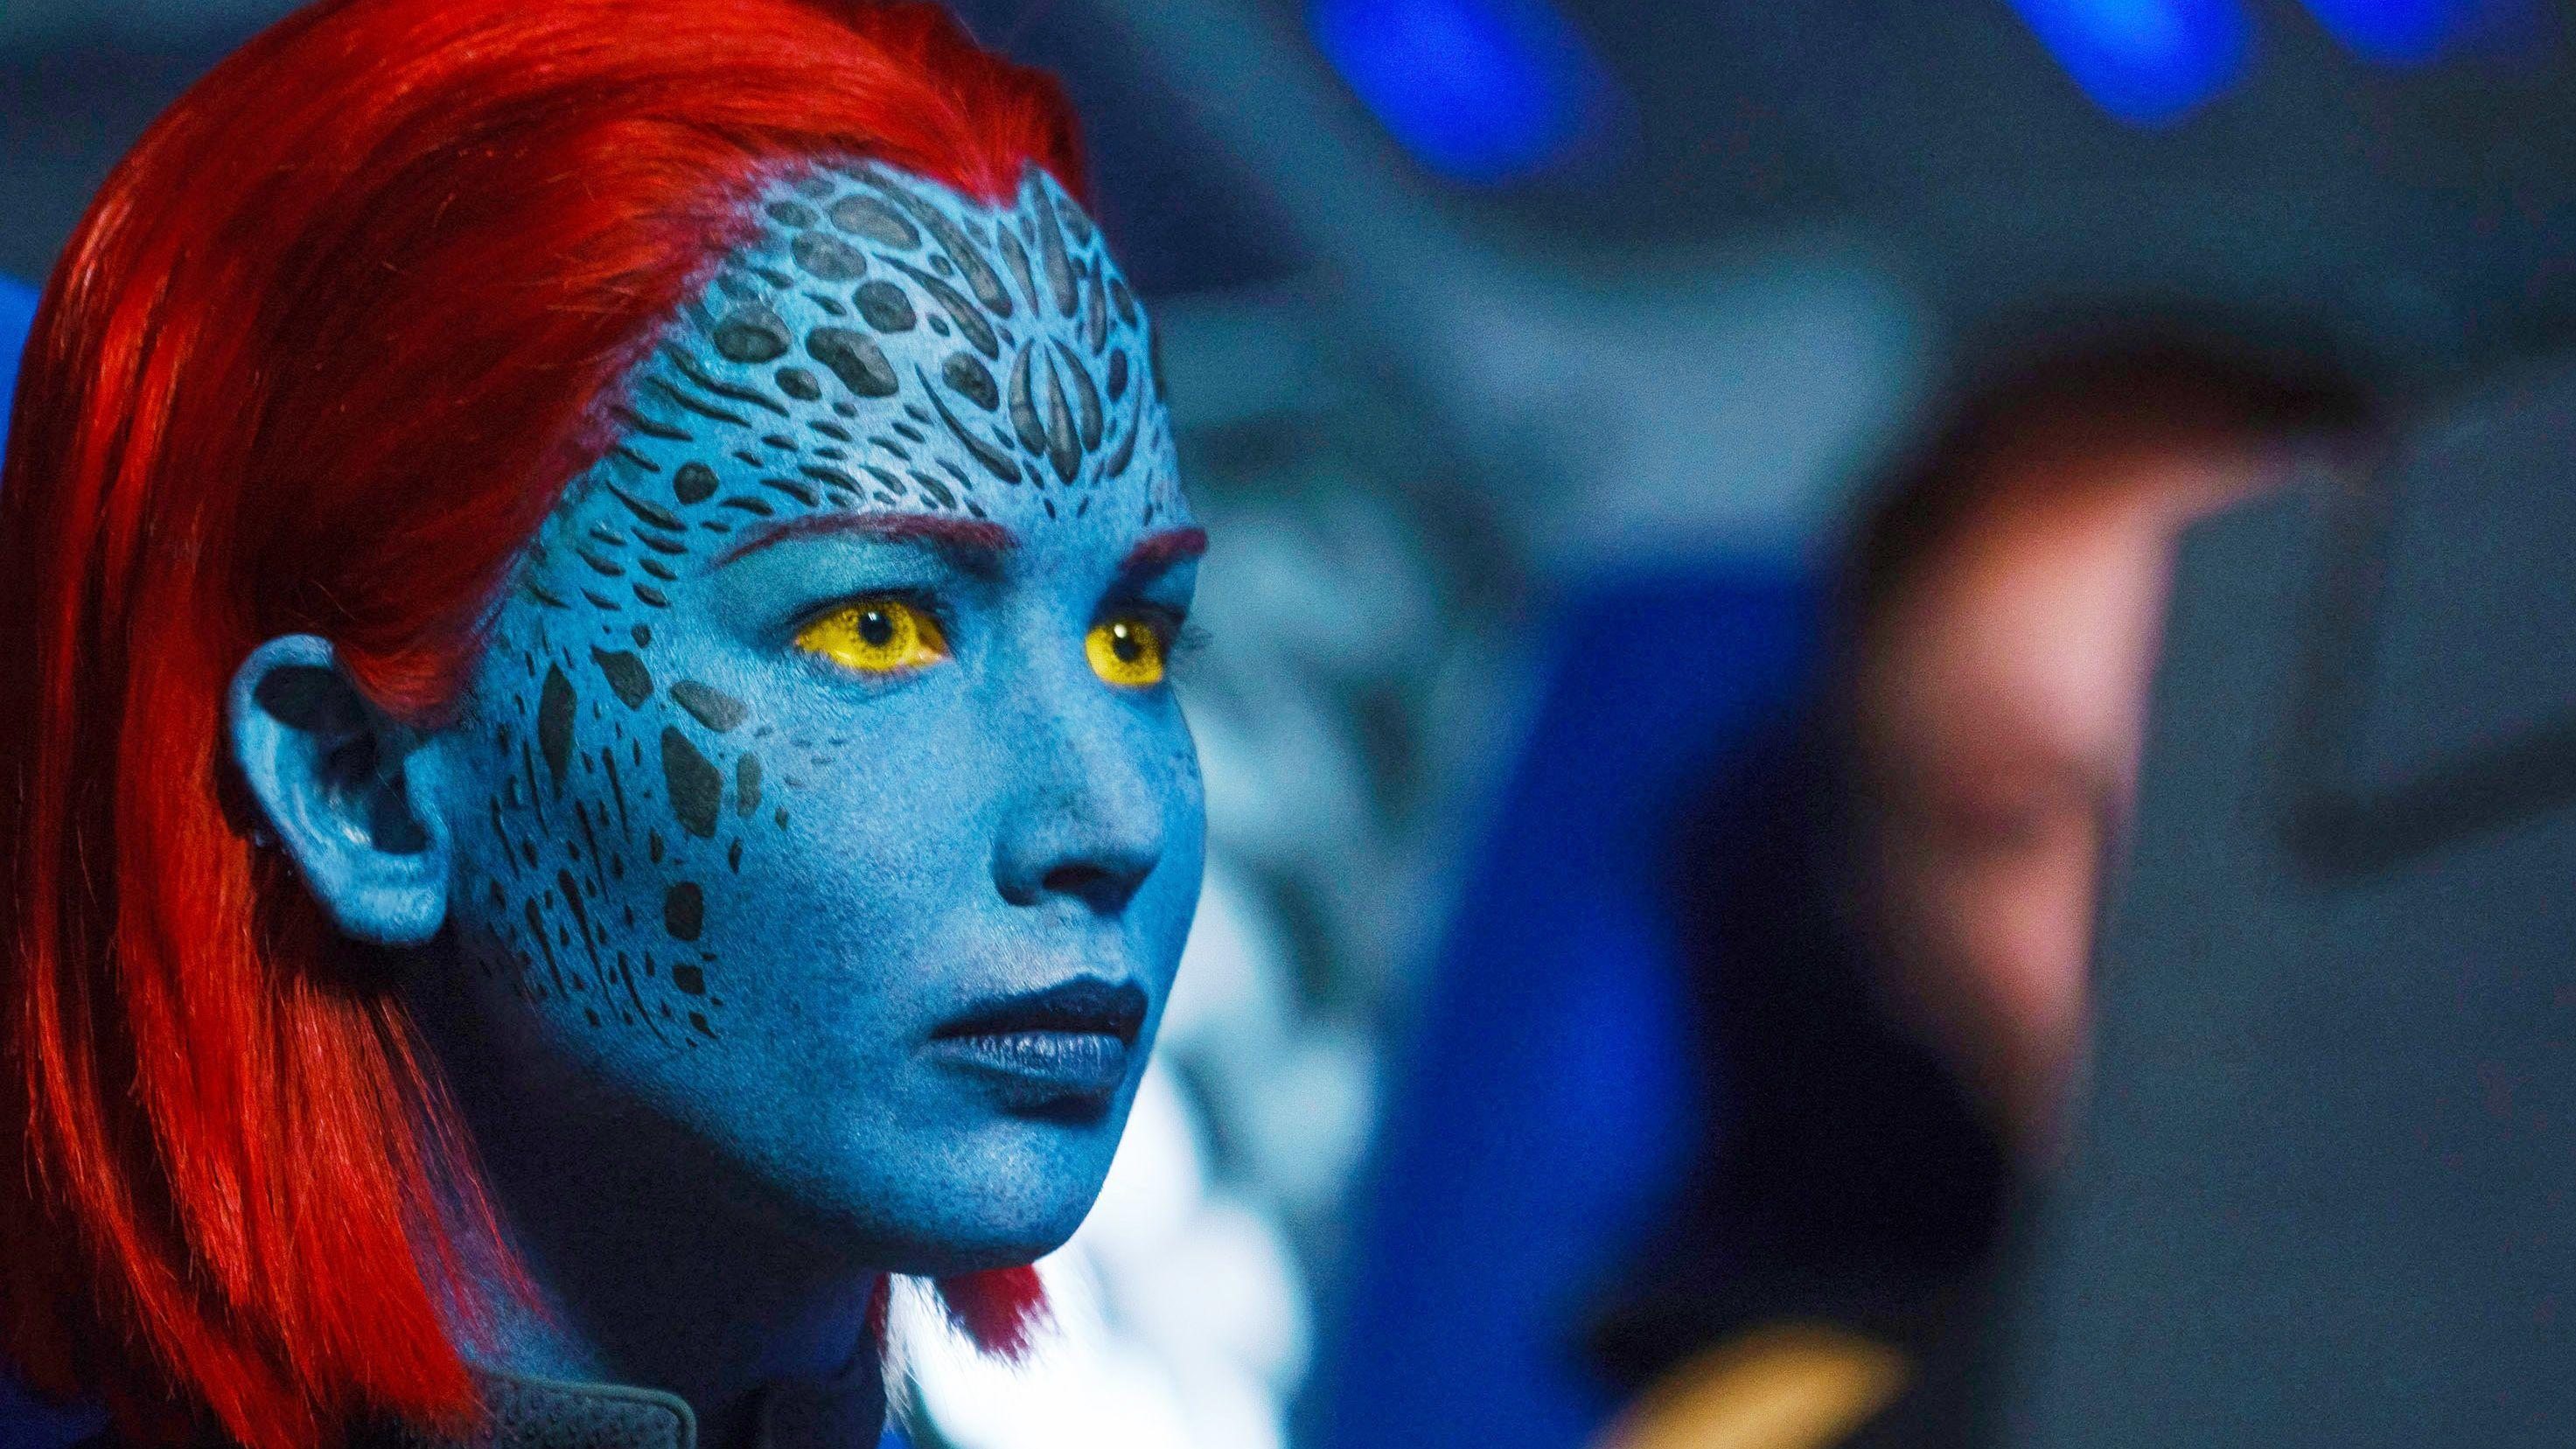 Mutant mit blauer Haut und roten Haaren